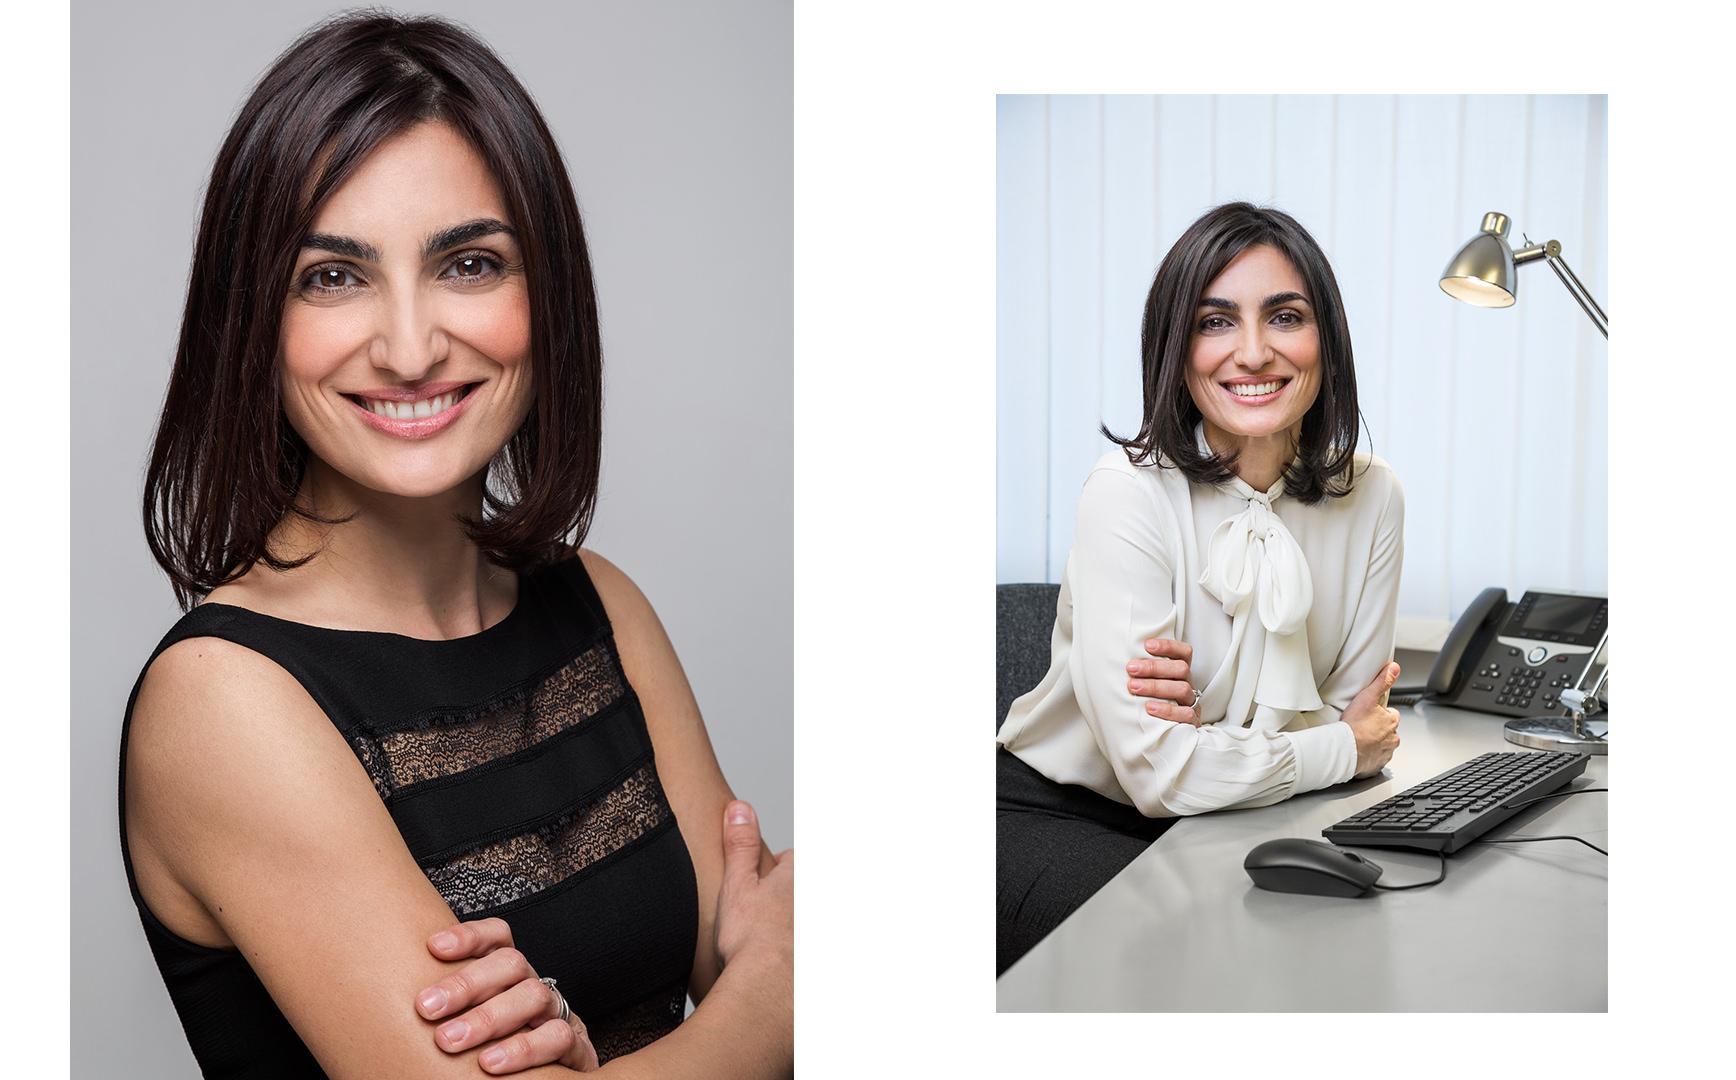 Fotografo di ritratto aziendale e corporate a Roma